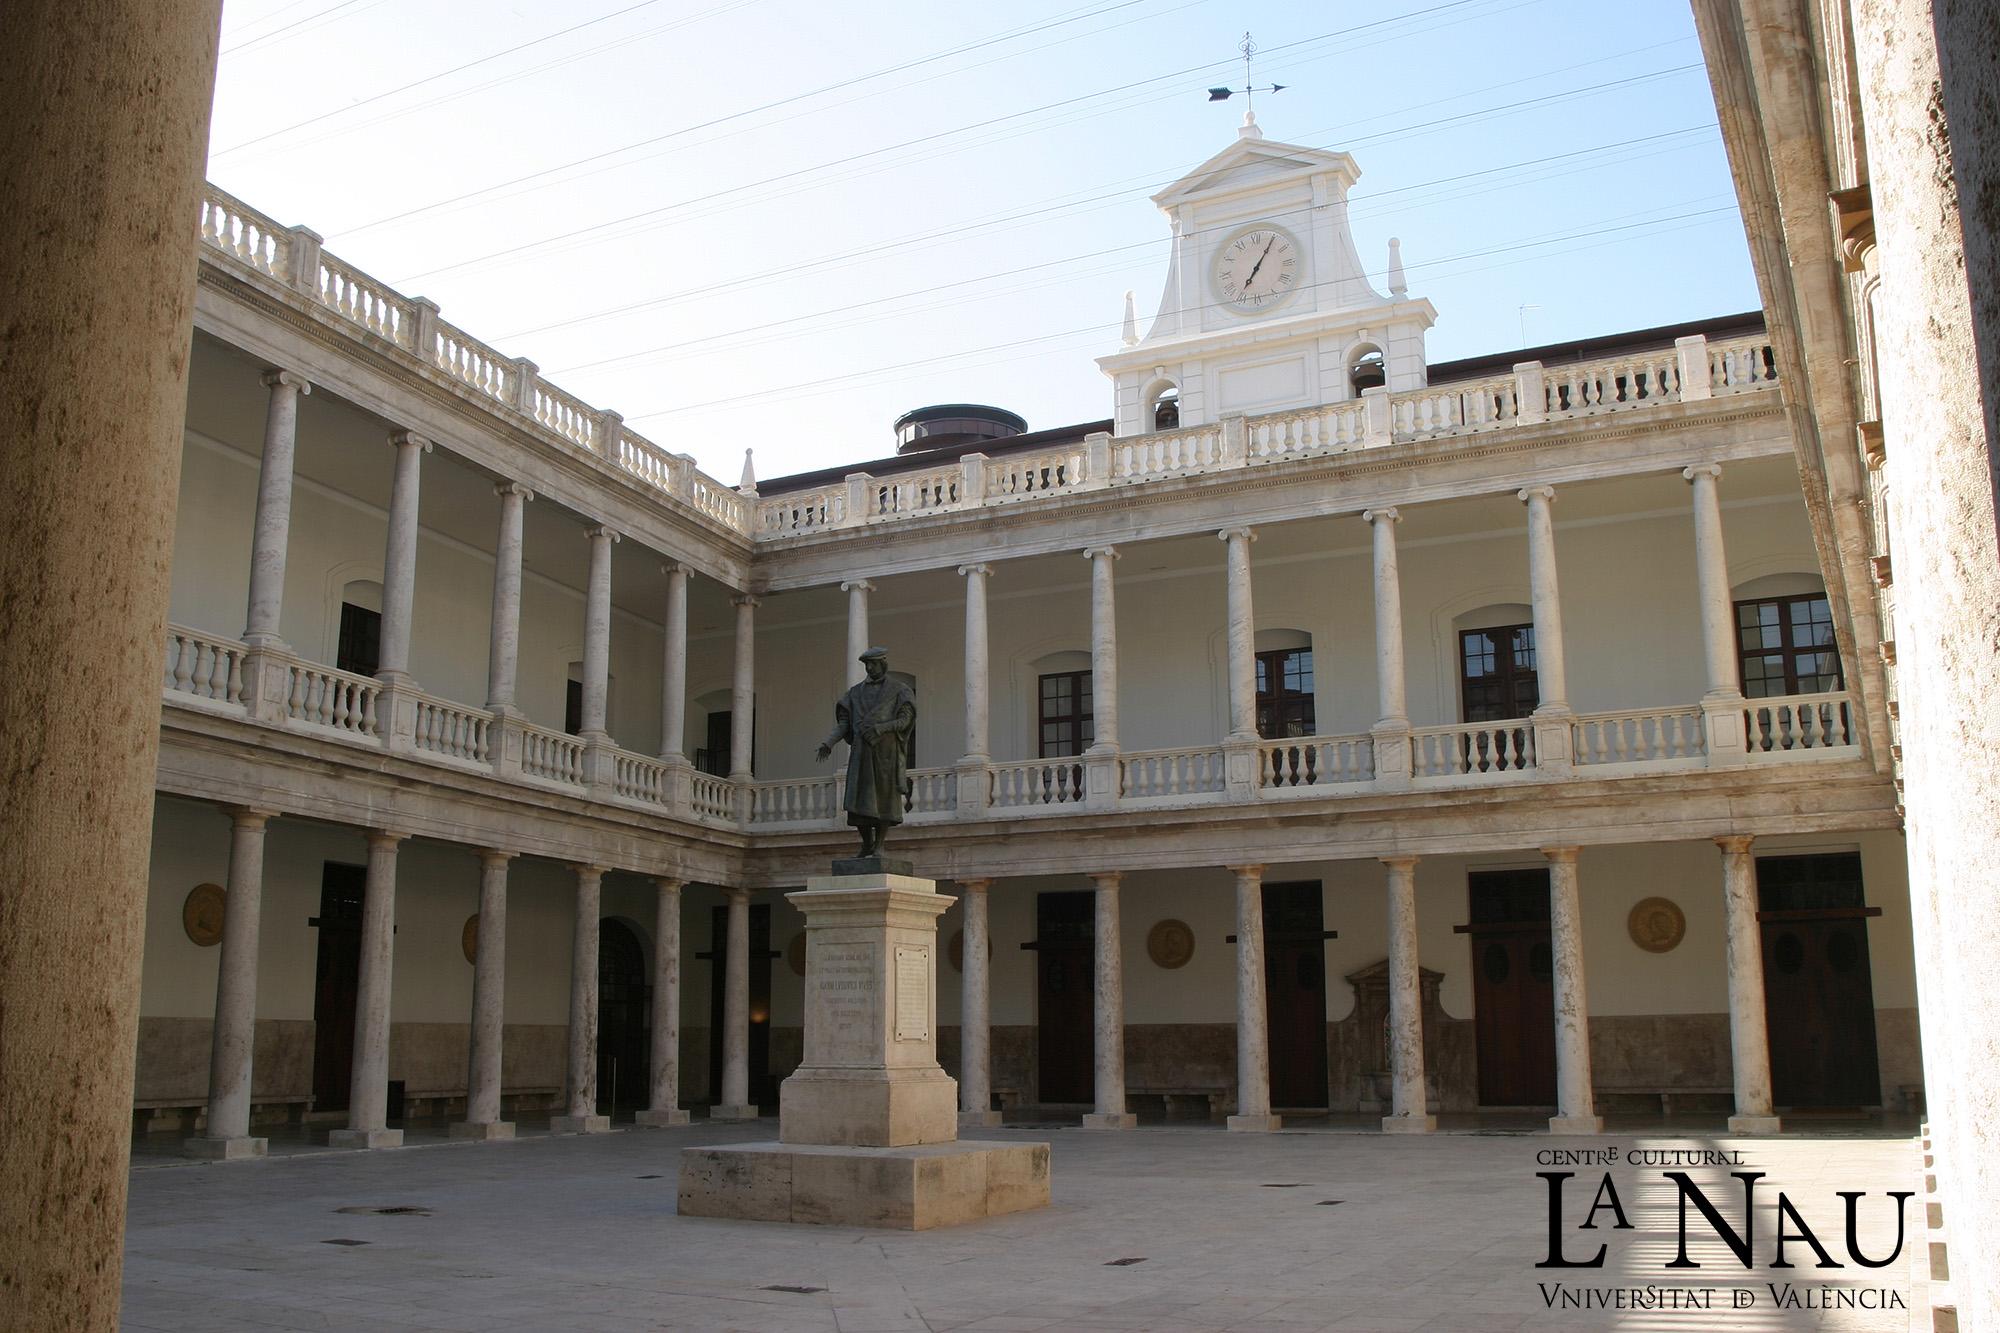 La Nau. Centre Cultural de la Universitat de València